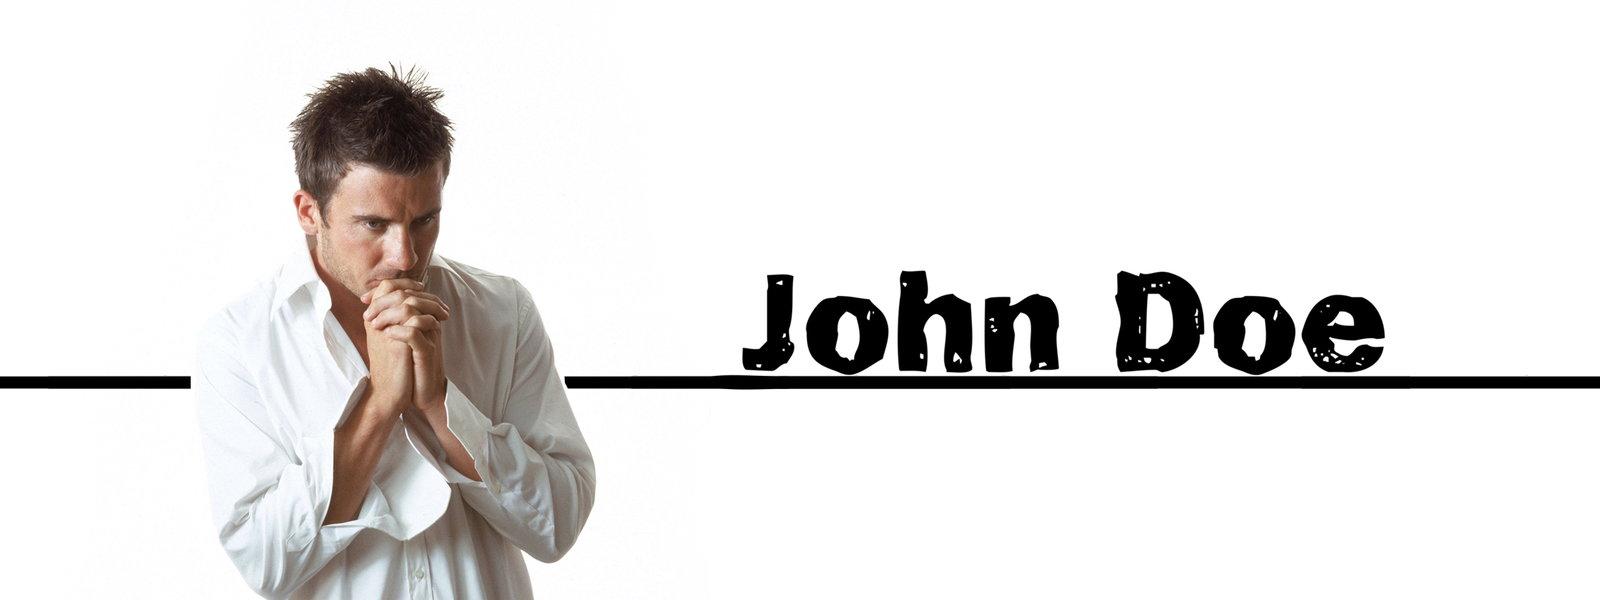 Watch John Doe Online | Stream on Hulu